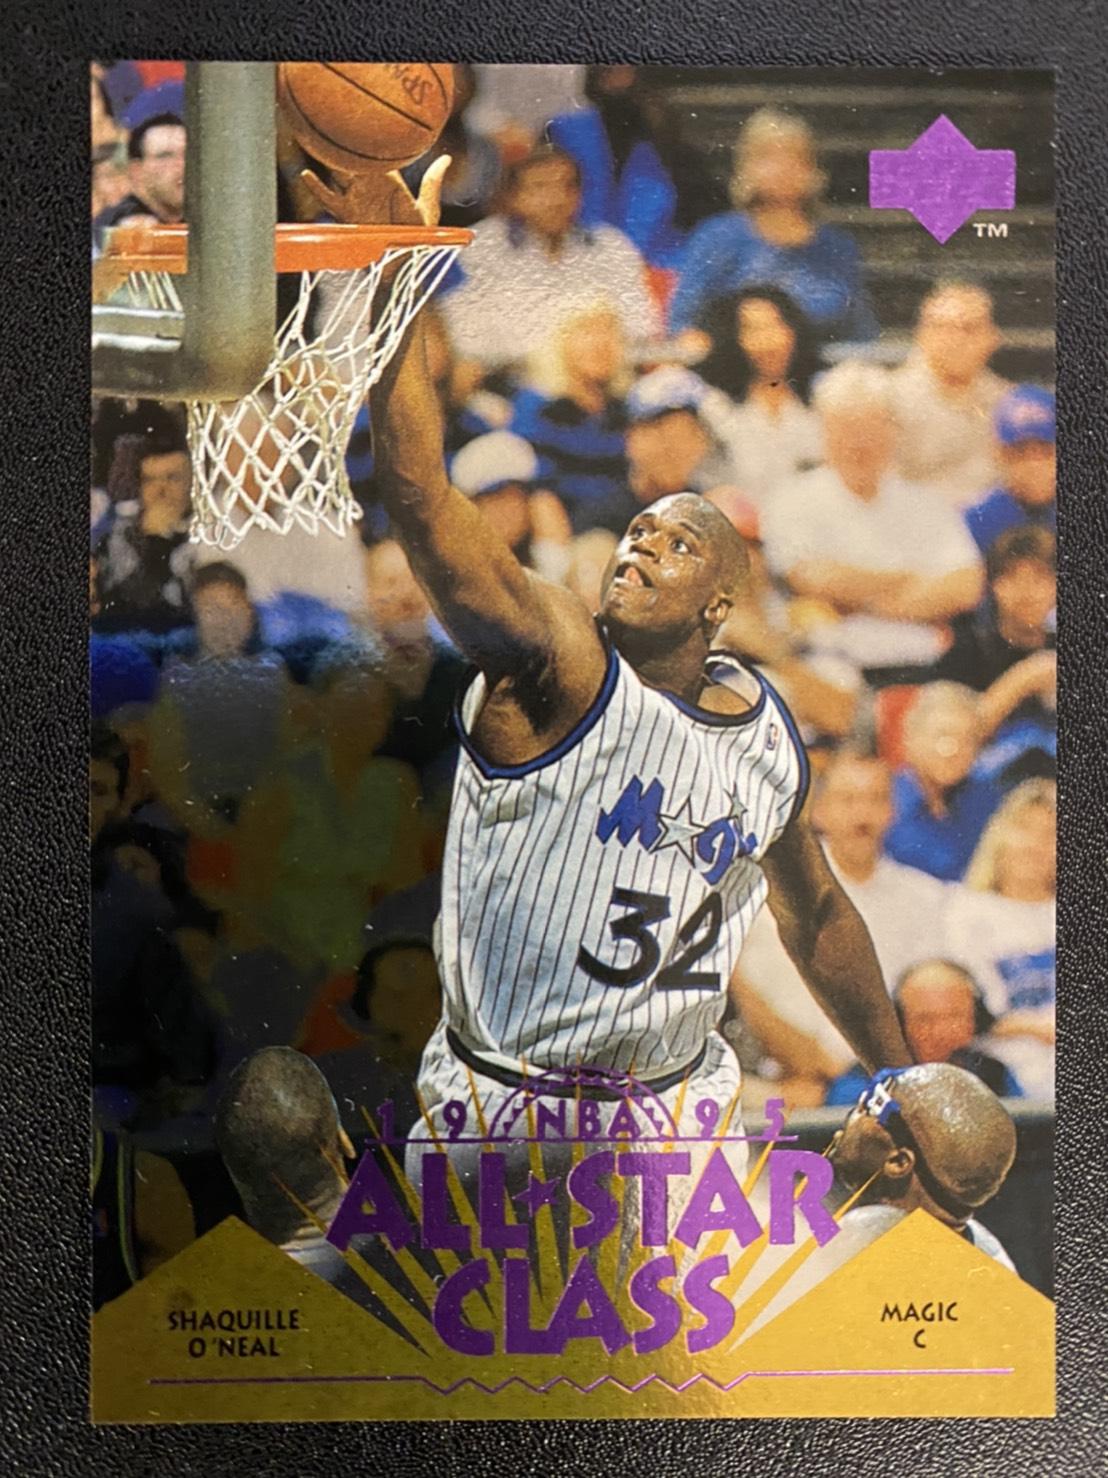 Shaquille ONeal 1995-96 Upper Deck All Star Class